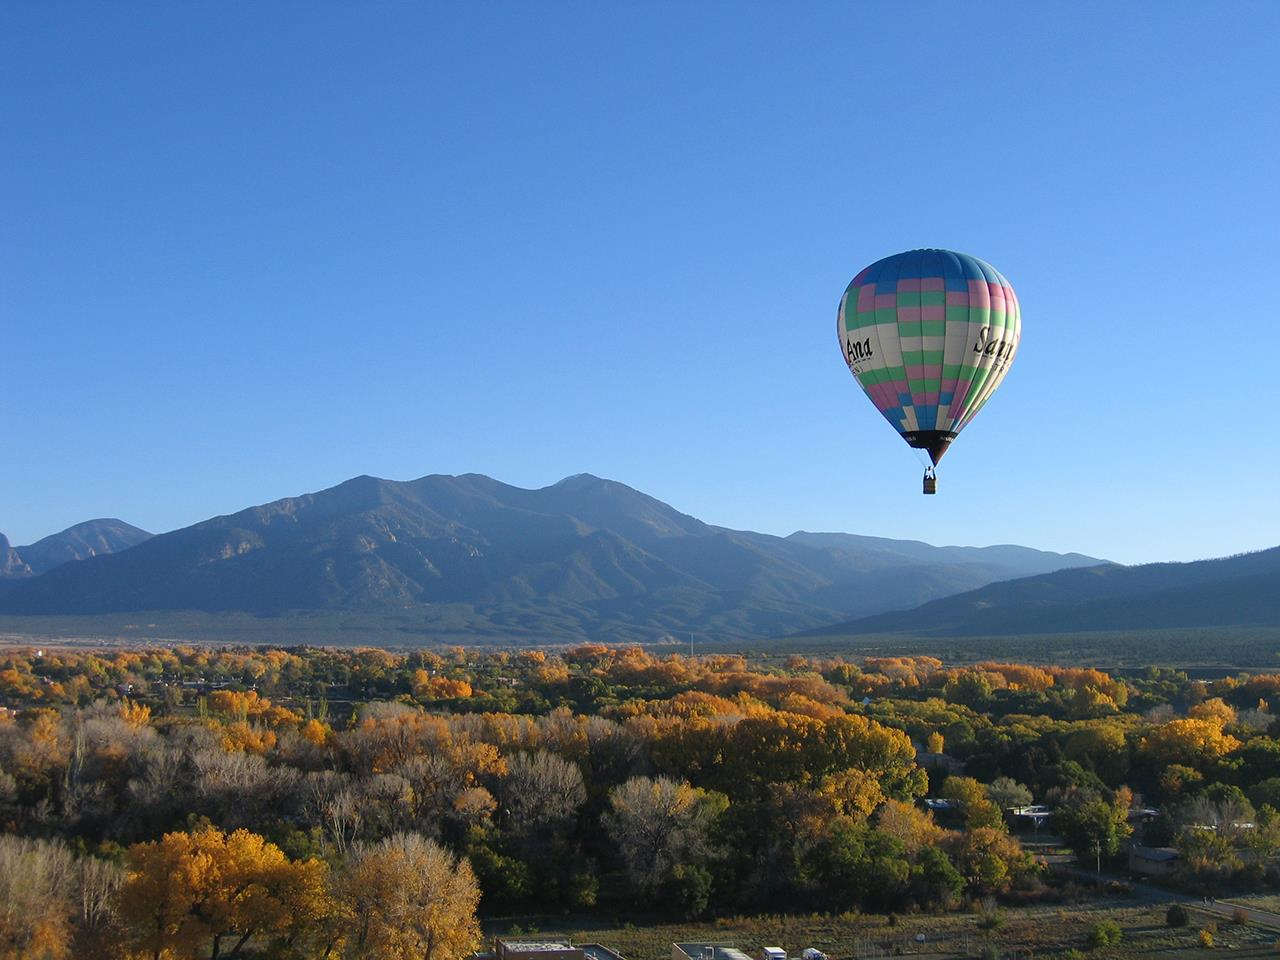 #Taos recreation #hot air balloons #Taos #New Mexio